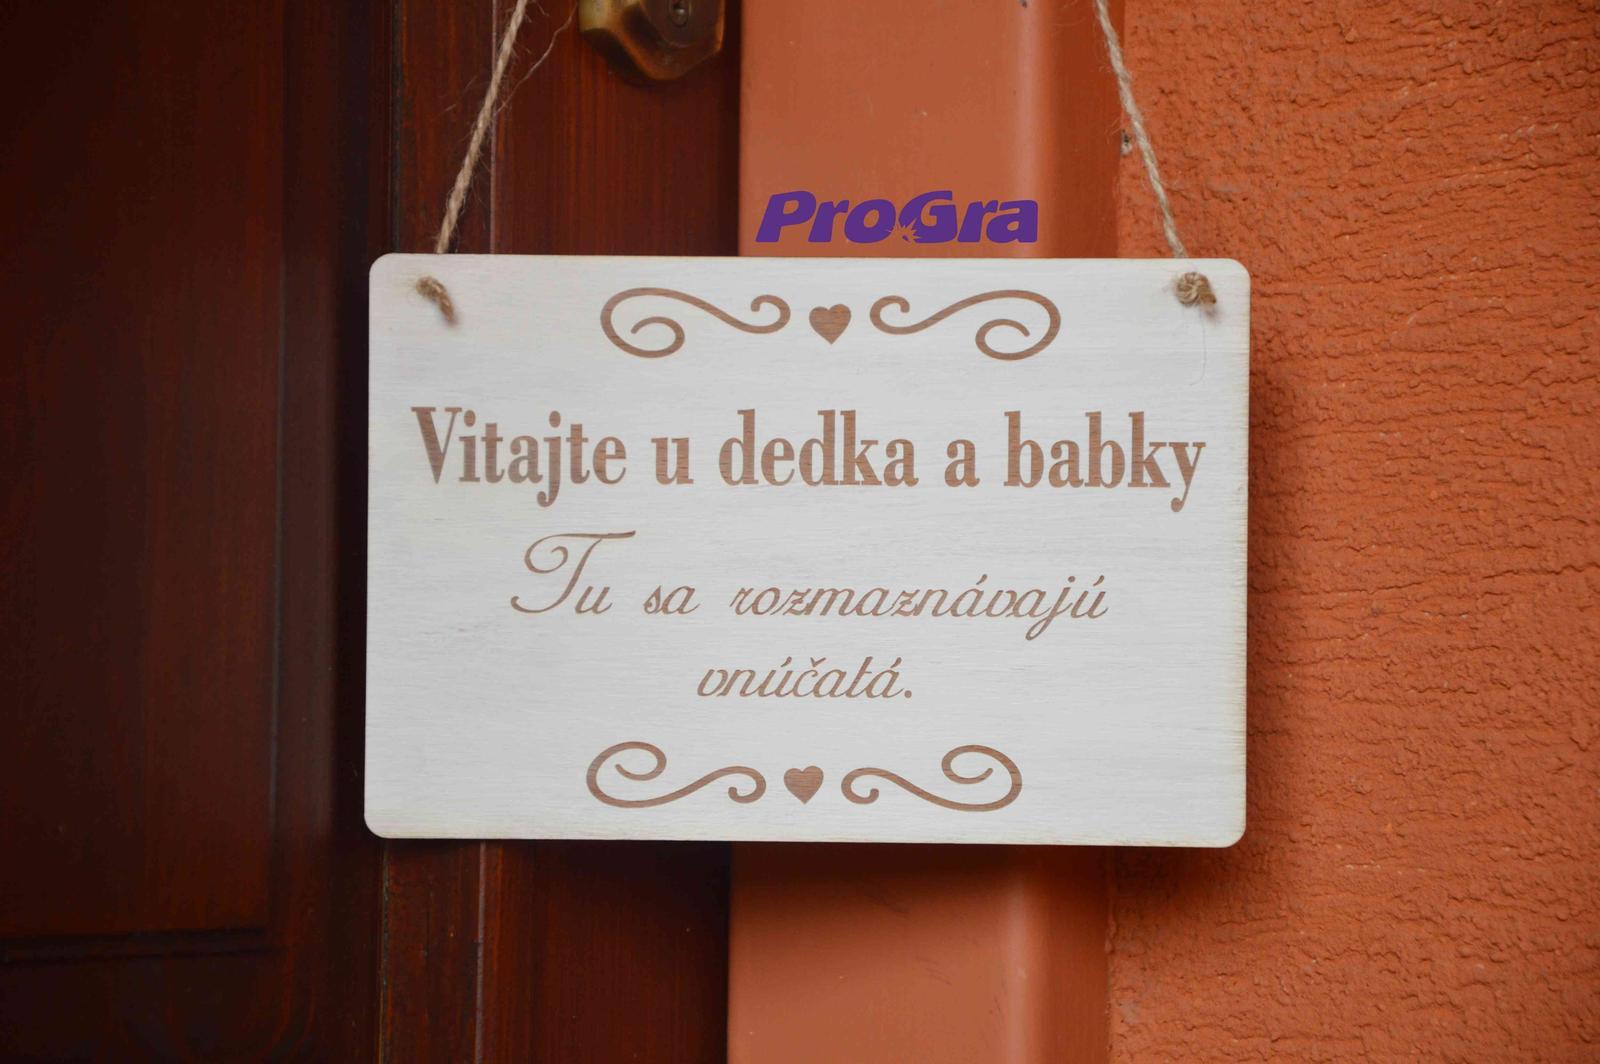 Po svadbičke - Na toto sa už určite tešia svadobní rodičia - gravírovanie prispôsobíme Vašim požiadavkám.